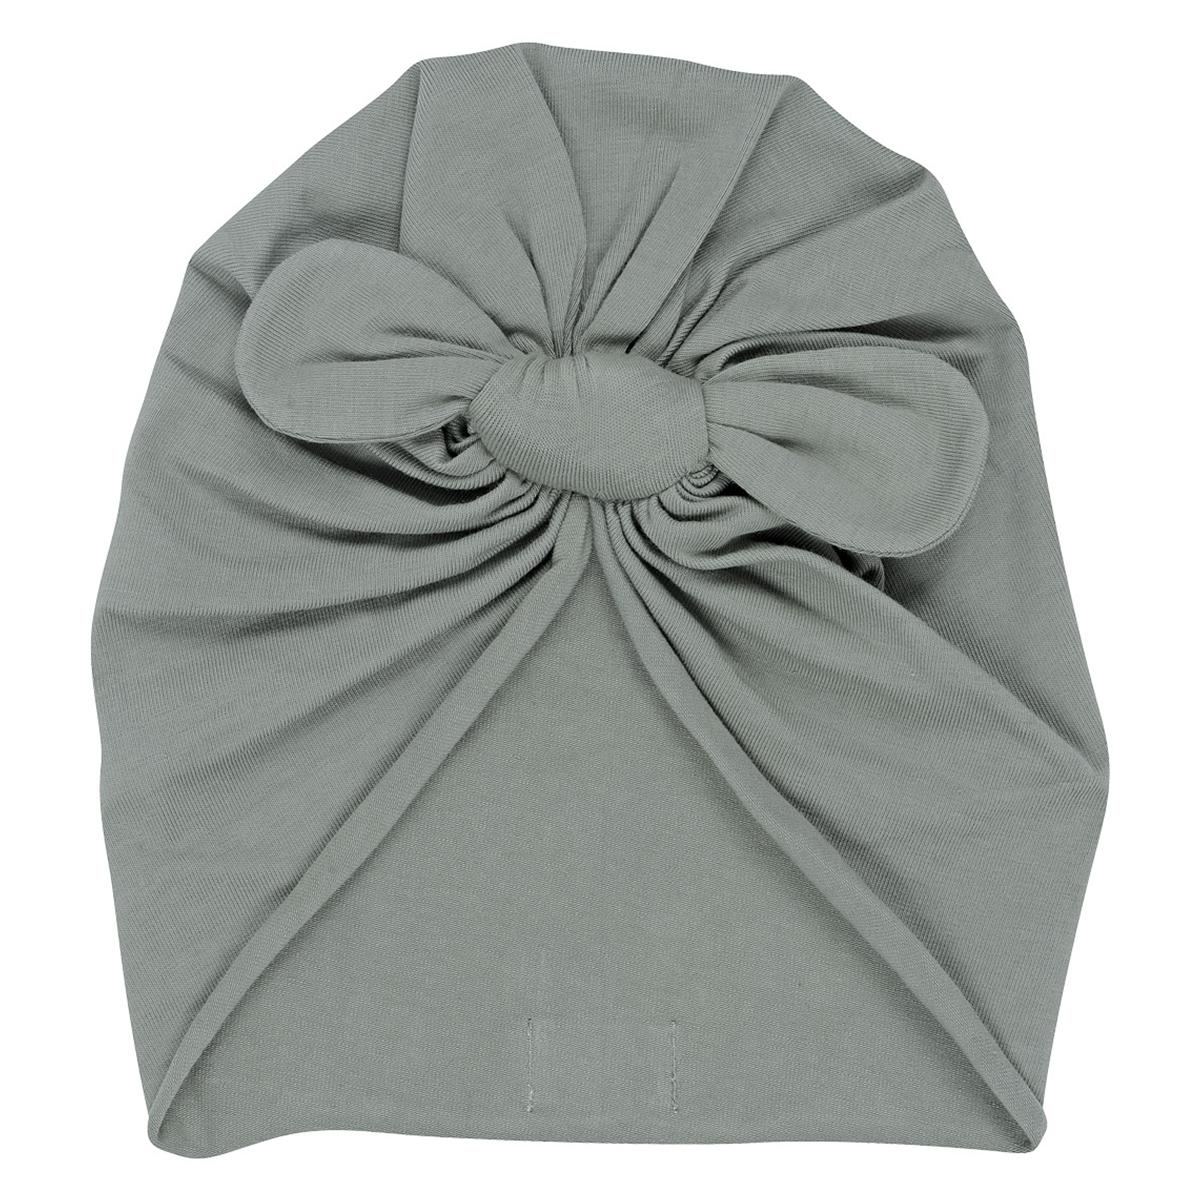 Accessoires bébé Bonnet Noeud Pampa - 0/3 Mois Bonnet Noeud Pampa - 0/3 Mois